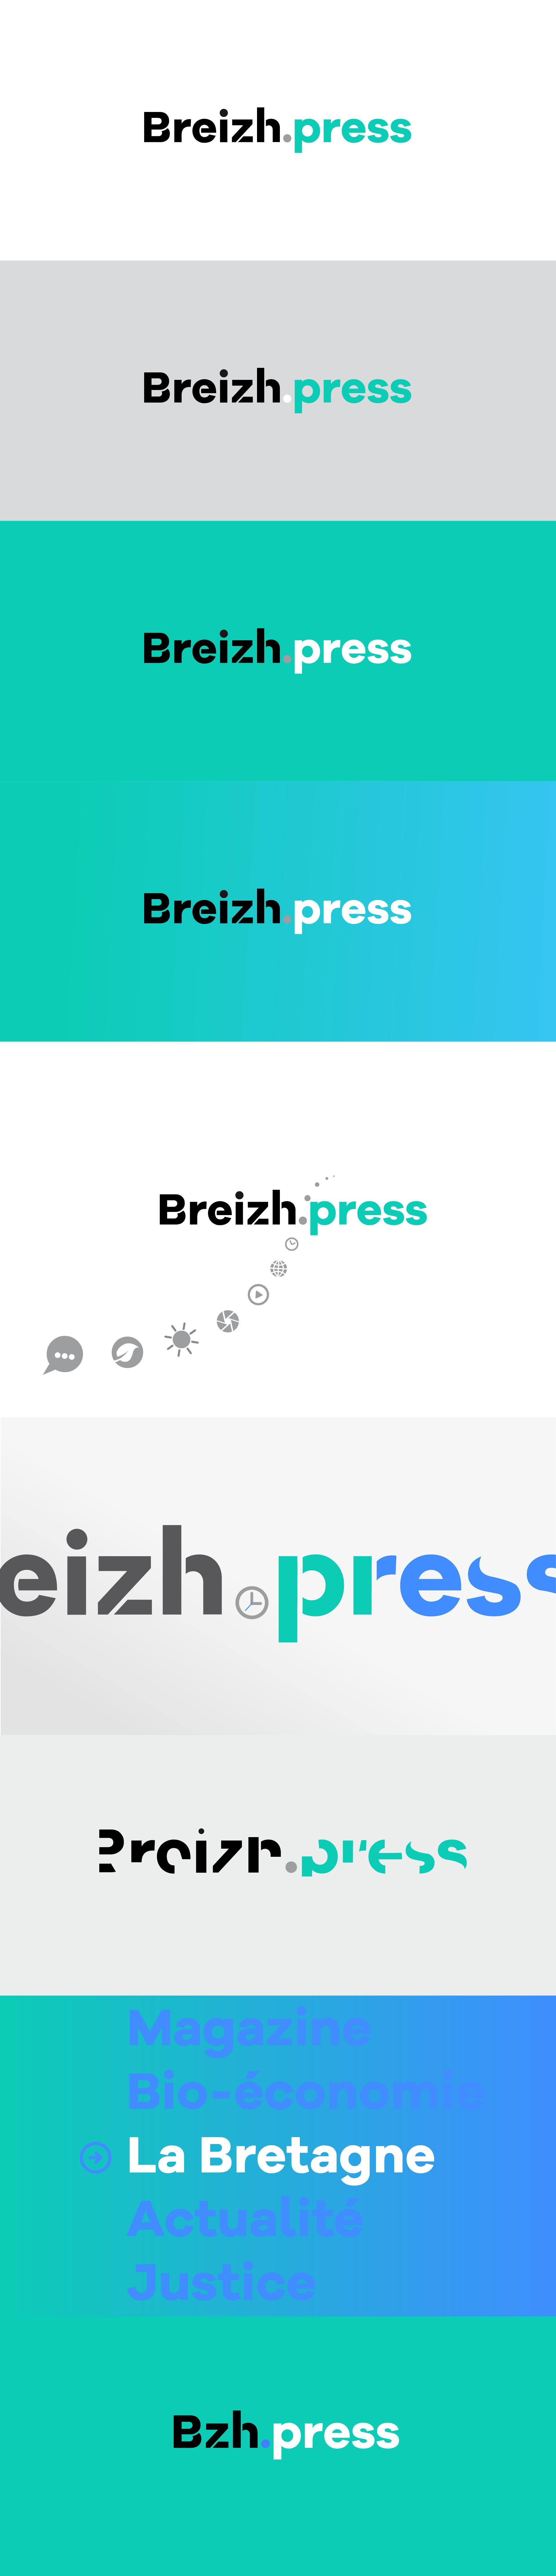 logo-breizh-press-02-01